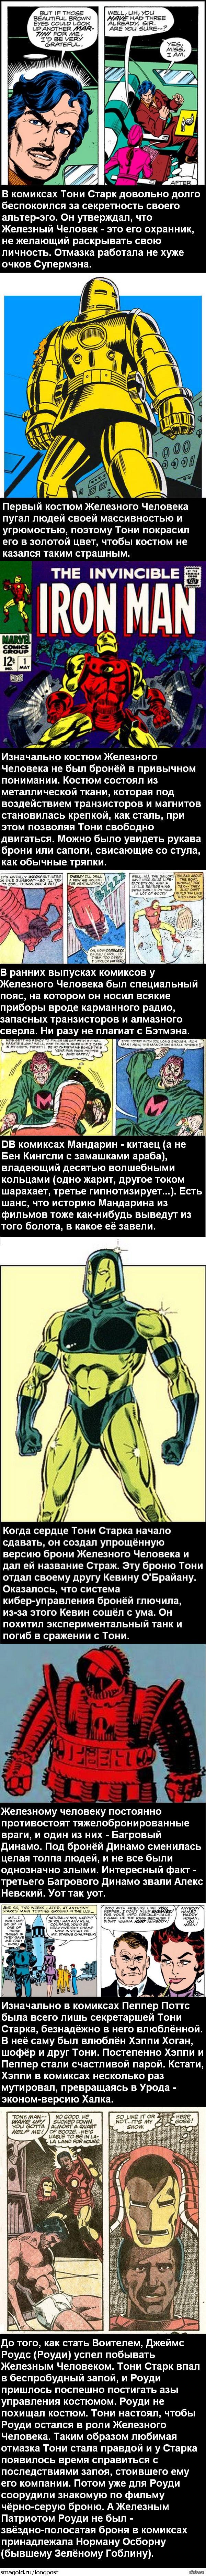 Факты о супергероях: Железный Человек То, чего нет в фильмах.